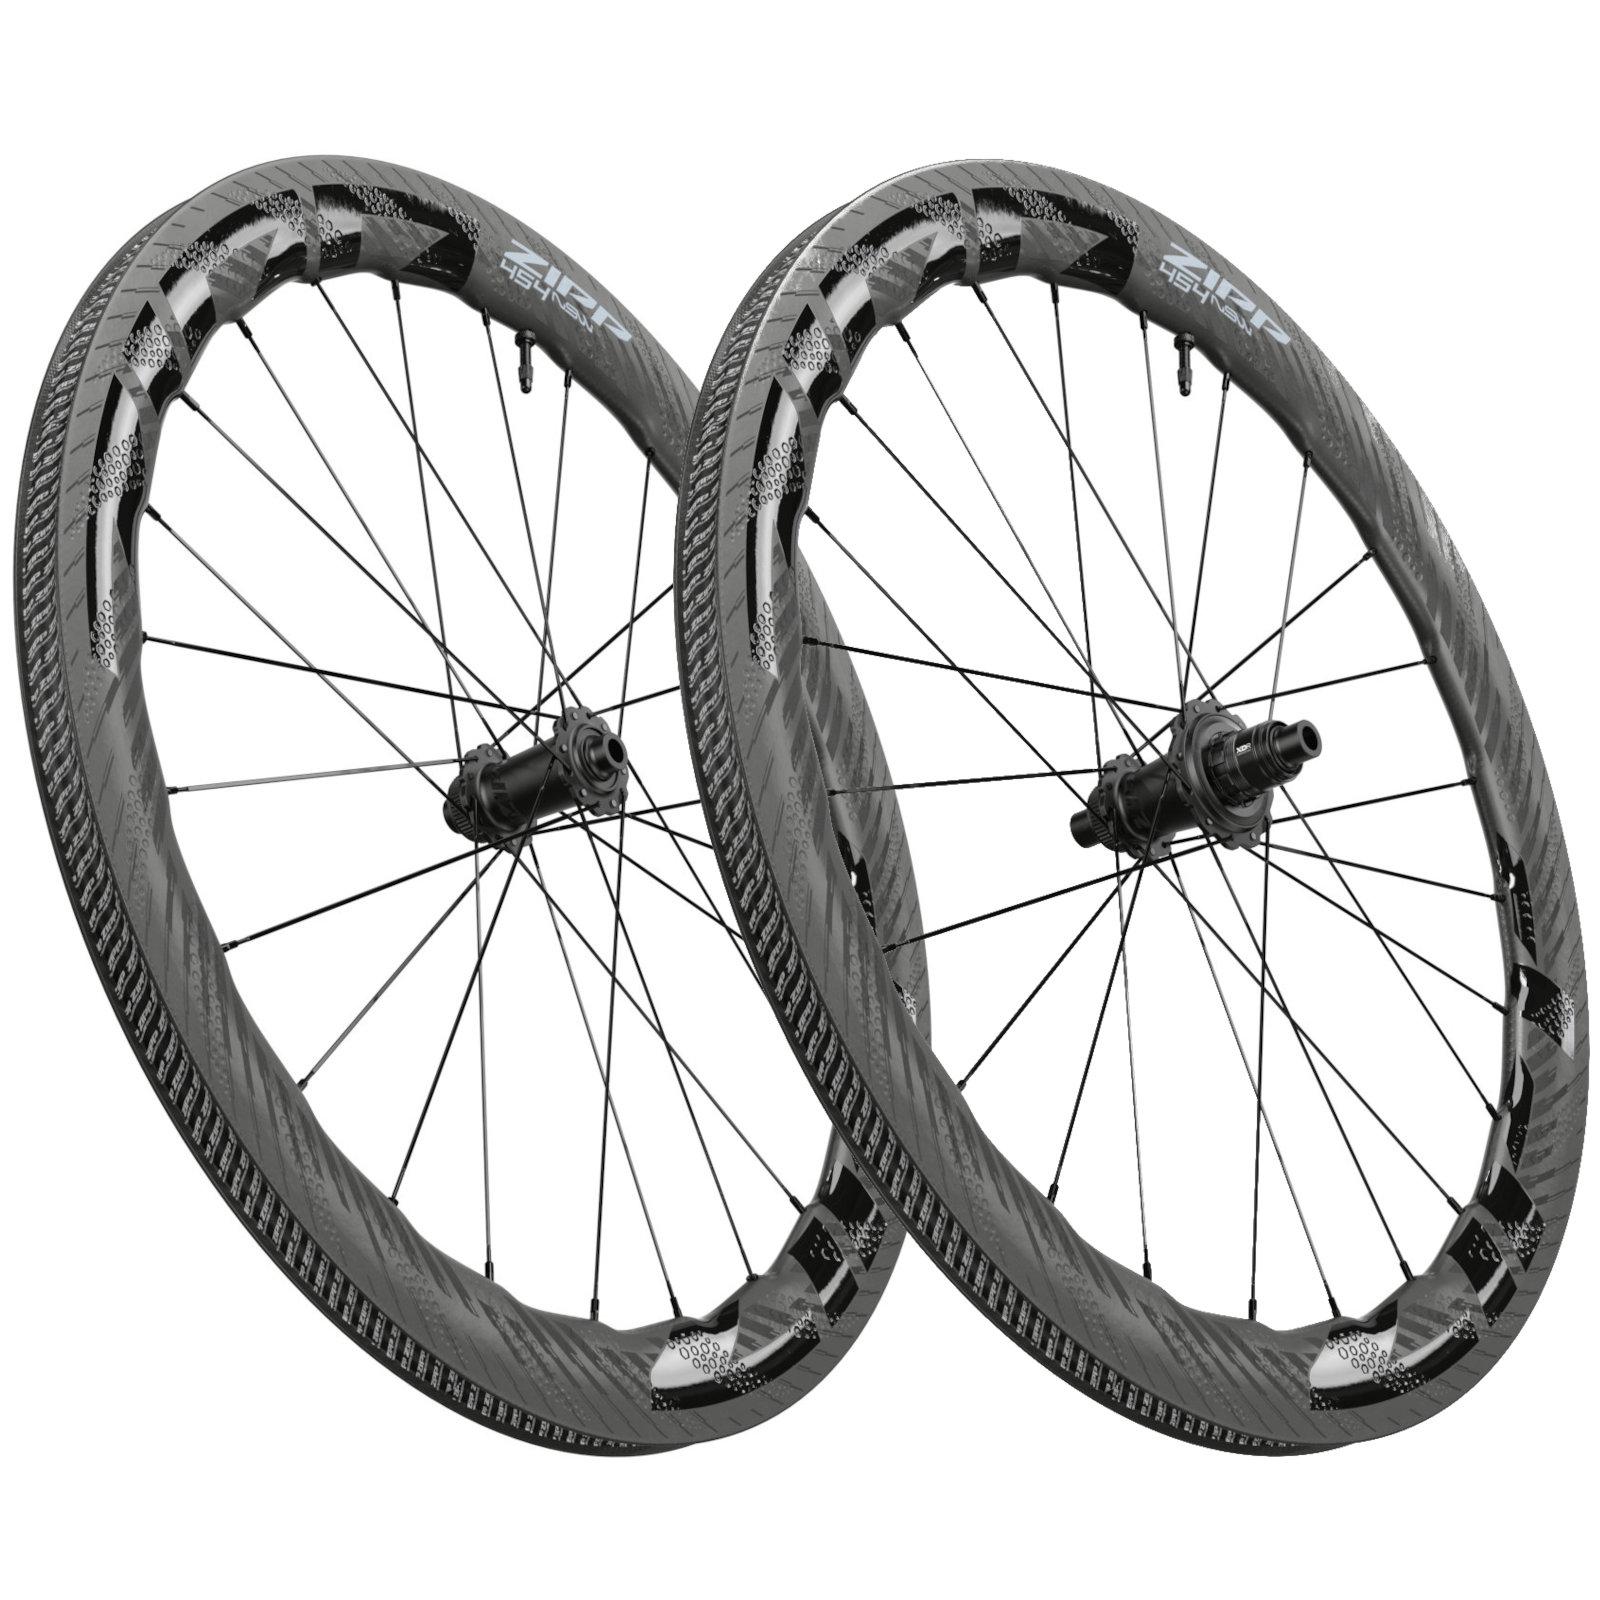 ZIPP 454 NSW Carbon Laufradsatz - Tubeless - Centerlock - VR: 12x100mm   HR: 12x142mm - schwarz